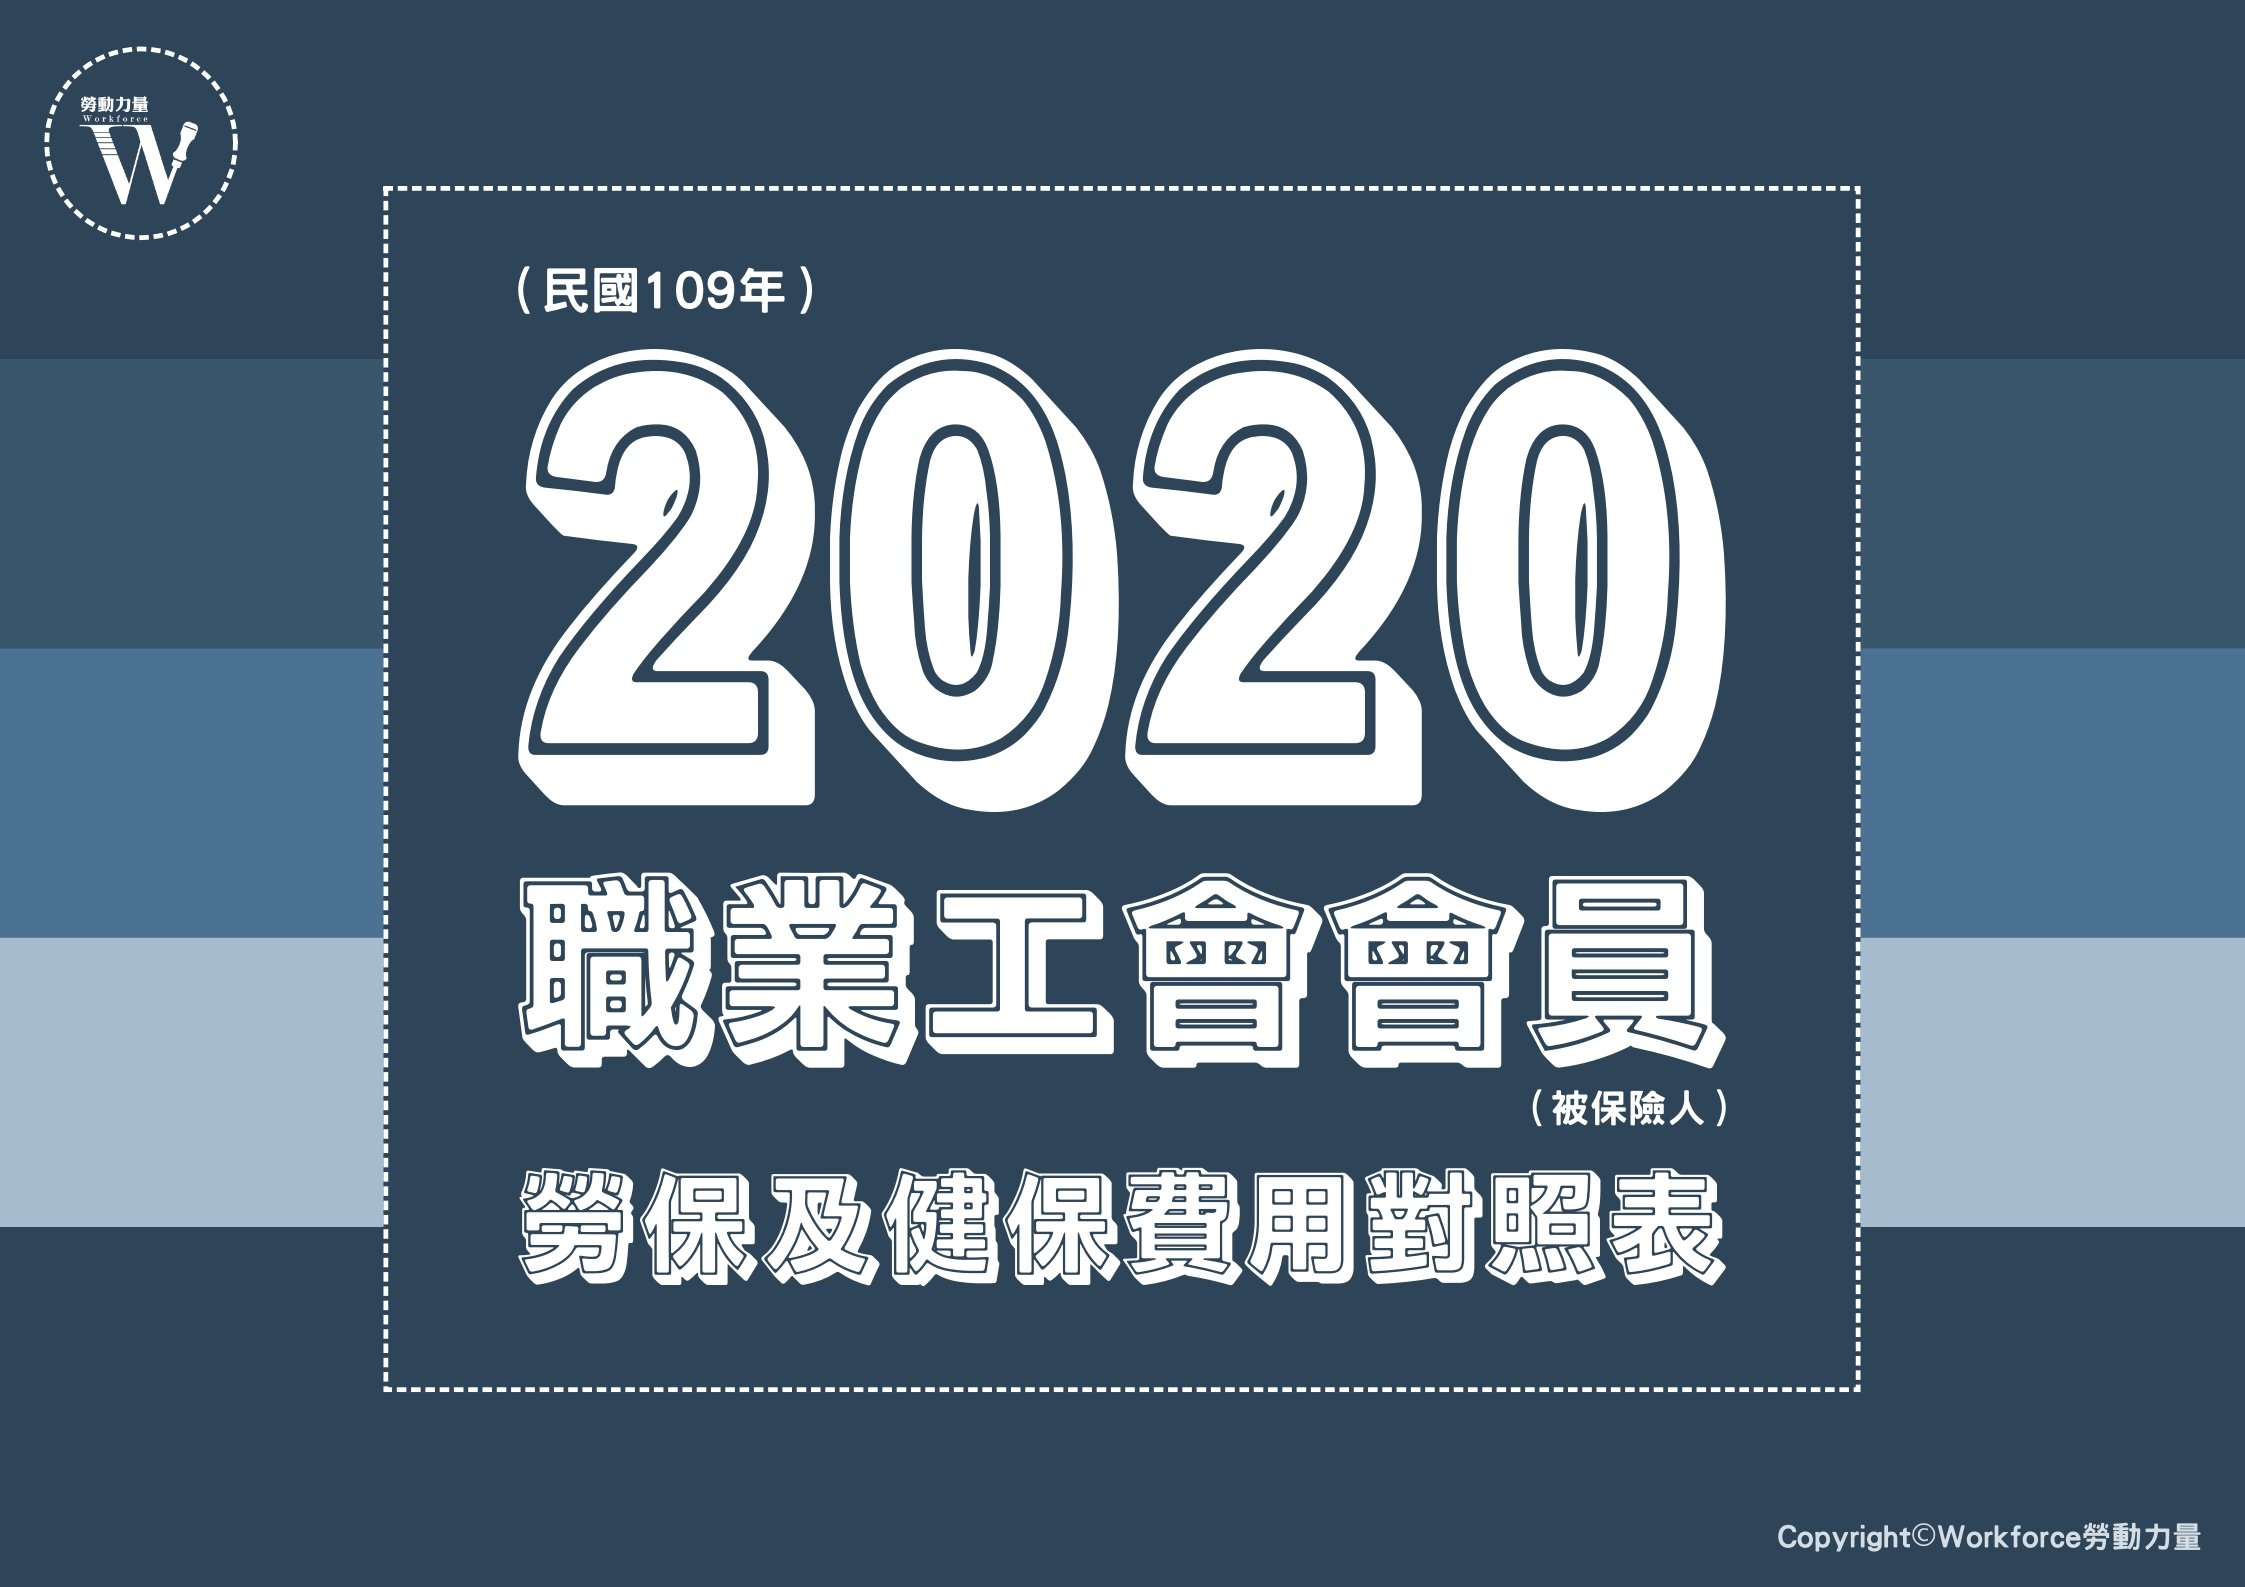 2020年(民國109年)職業工會會員(被保險人)勞保及健保費用對照表